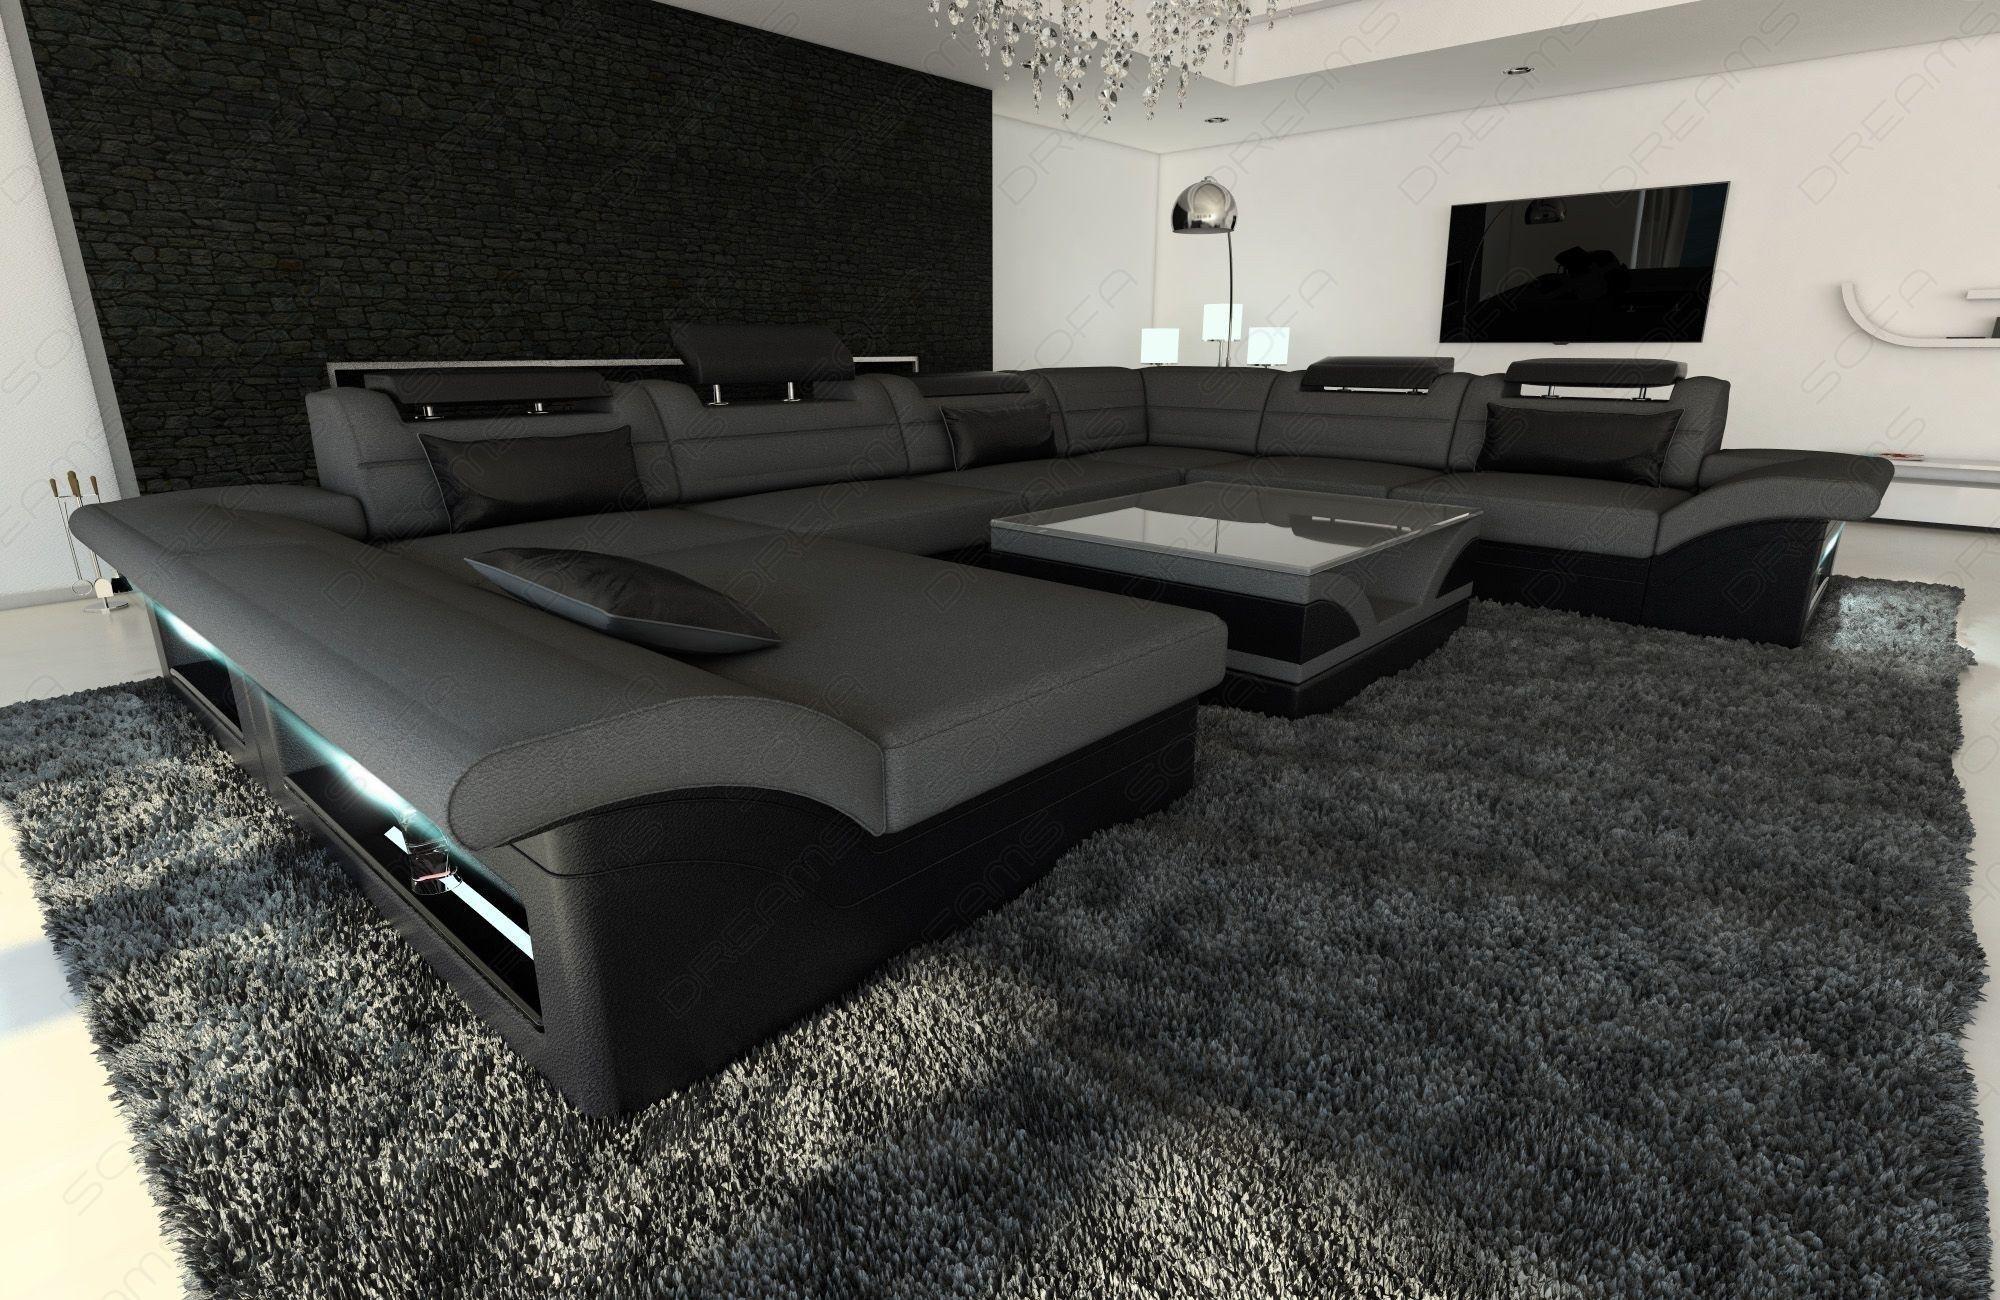 Fabric Design Sofa Atlanta Xl With Led Sofa Design Sofa